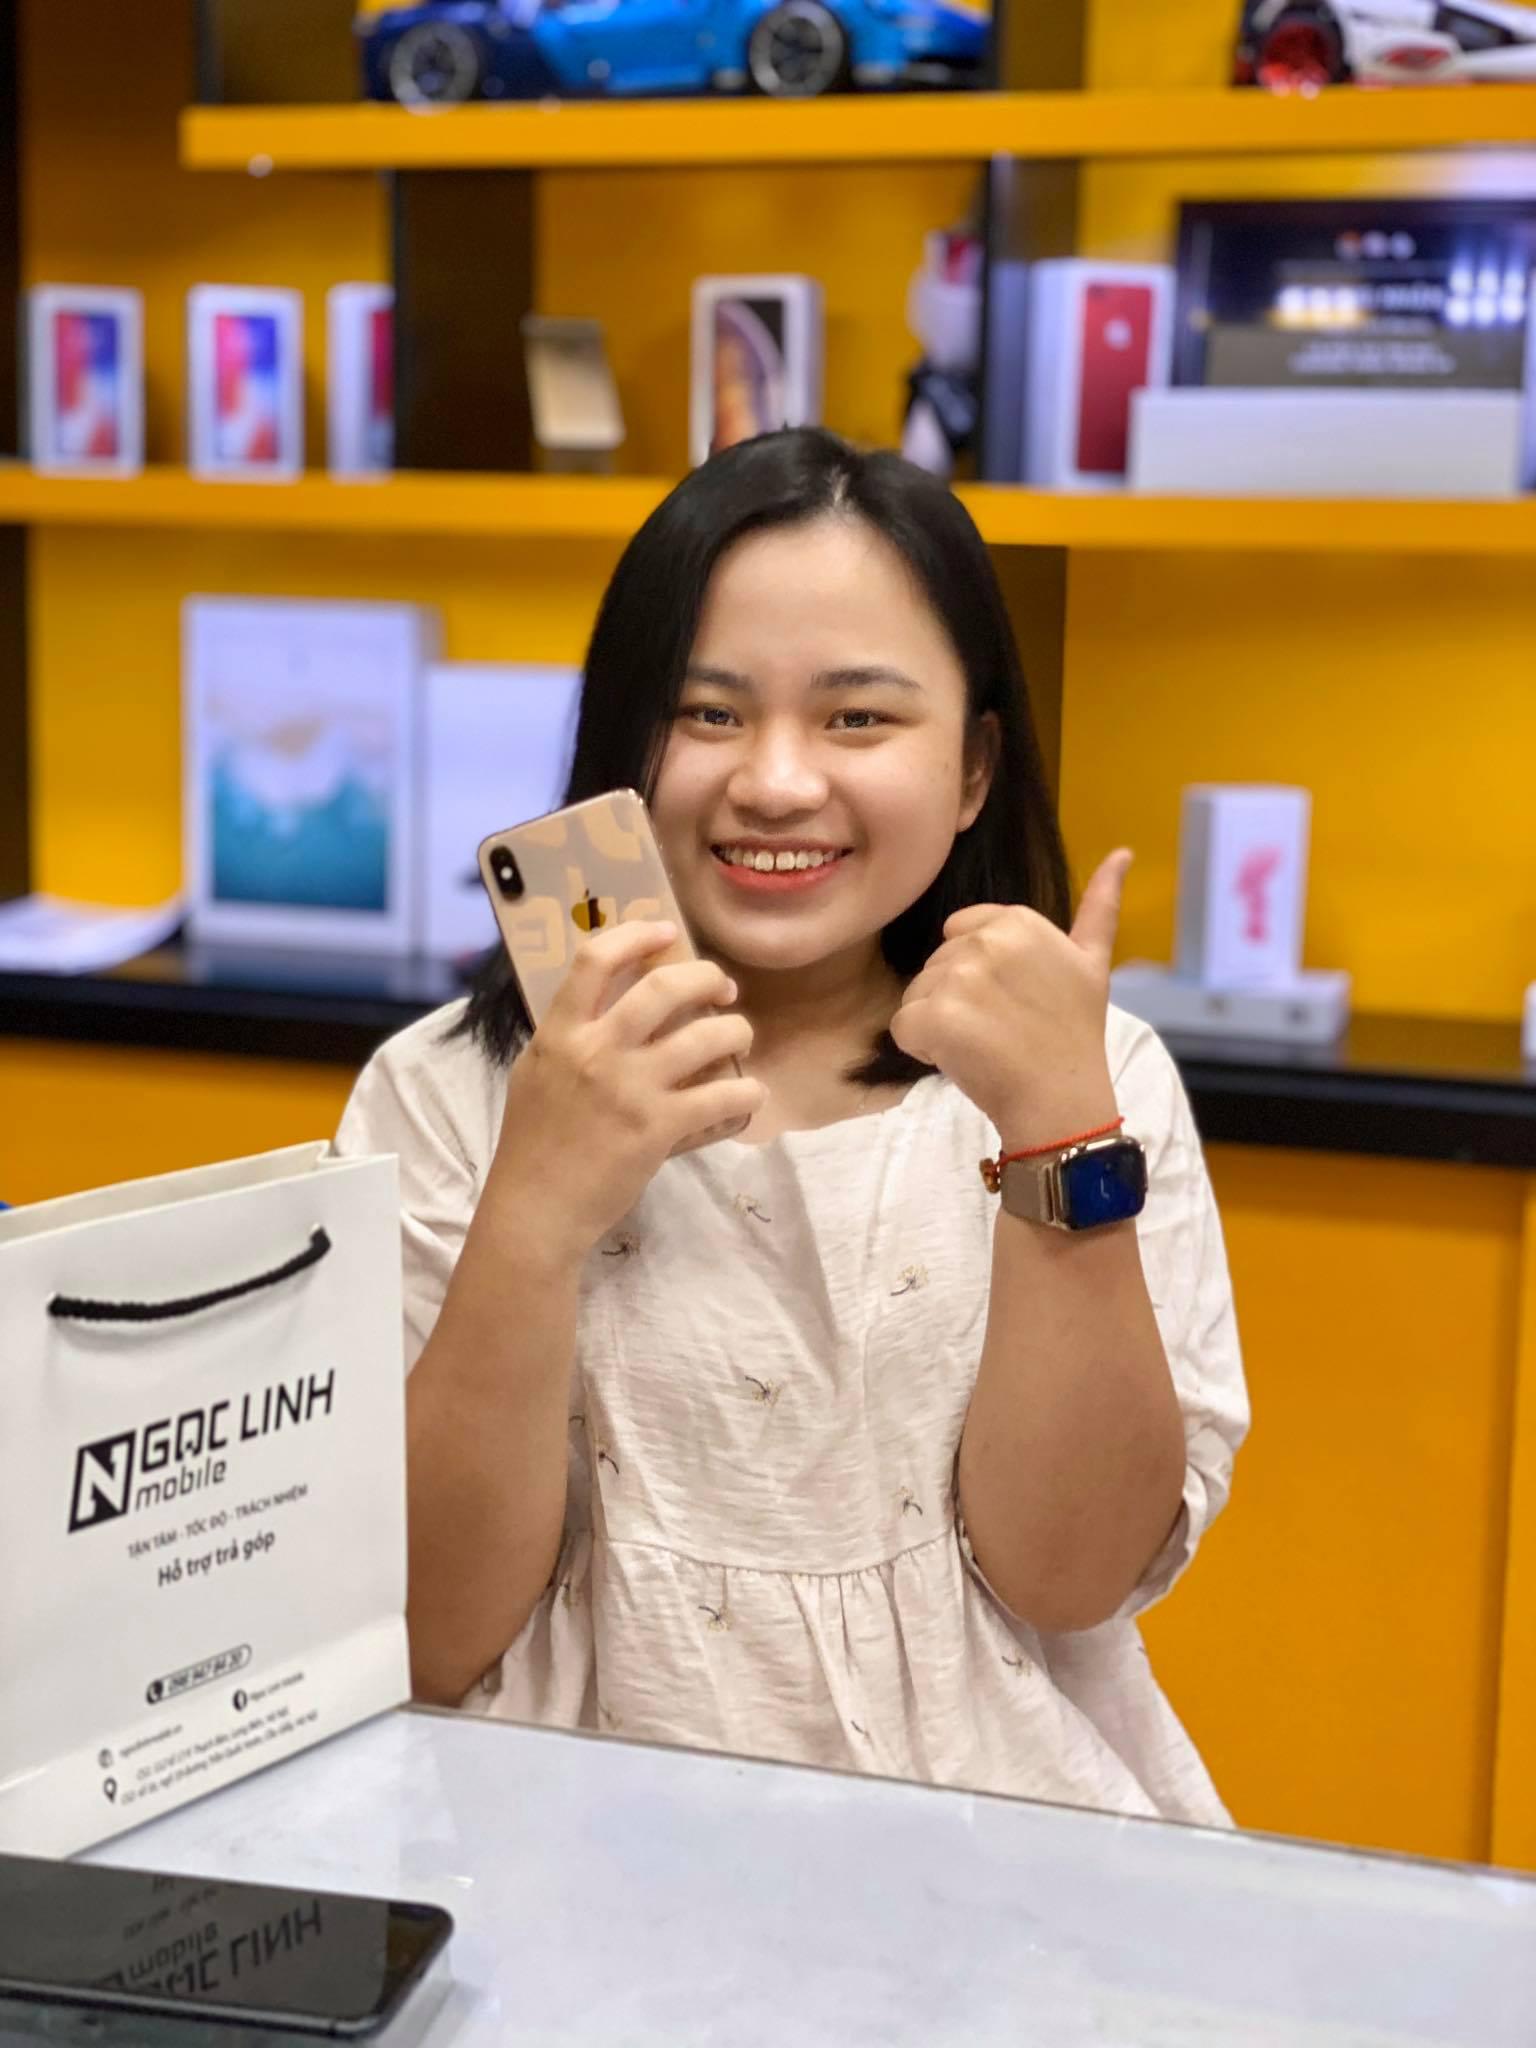 Apple Watch Series 5 Apple Watch Series 5 - Apple Watch Series 5 thu hút người dùng như thế nào?